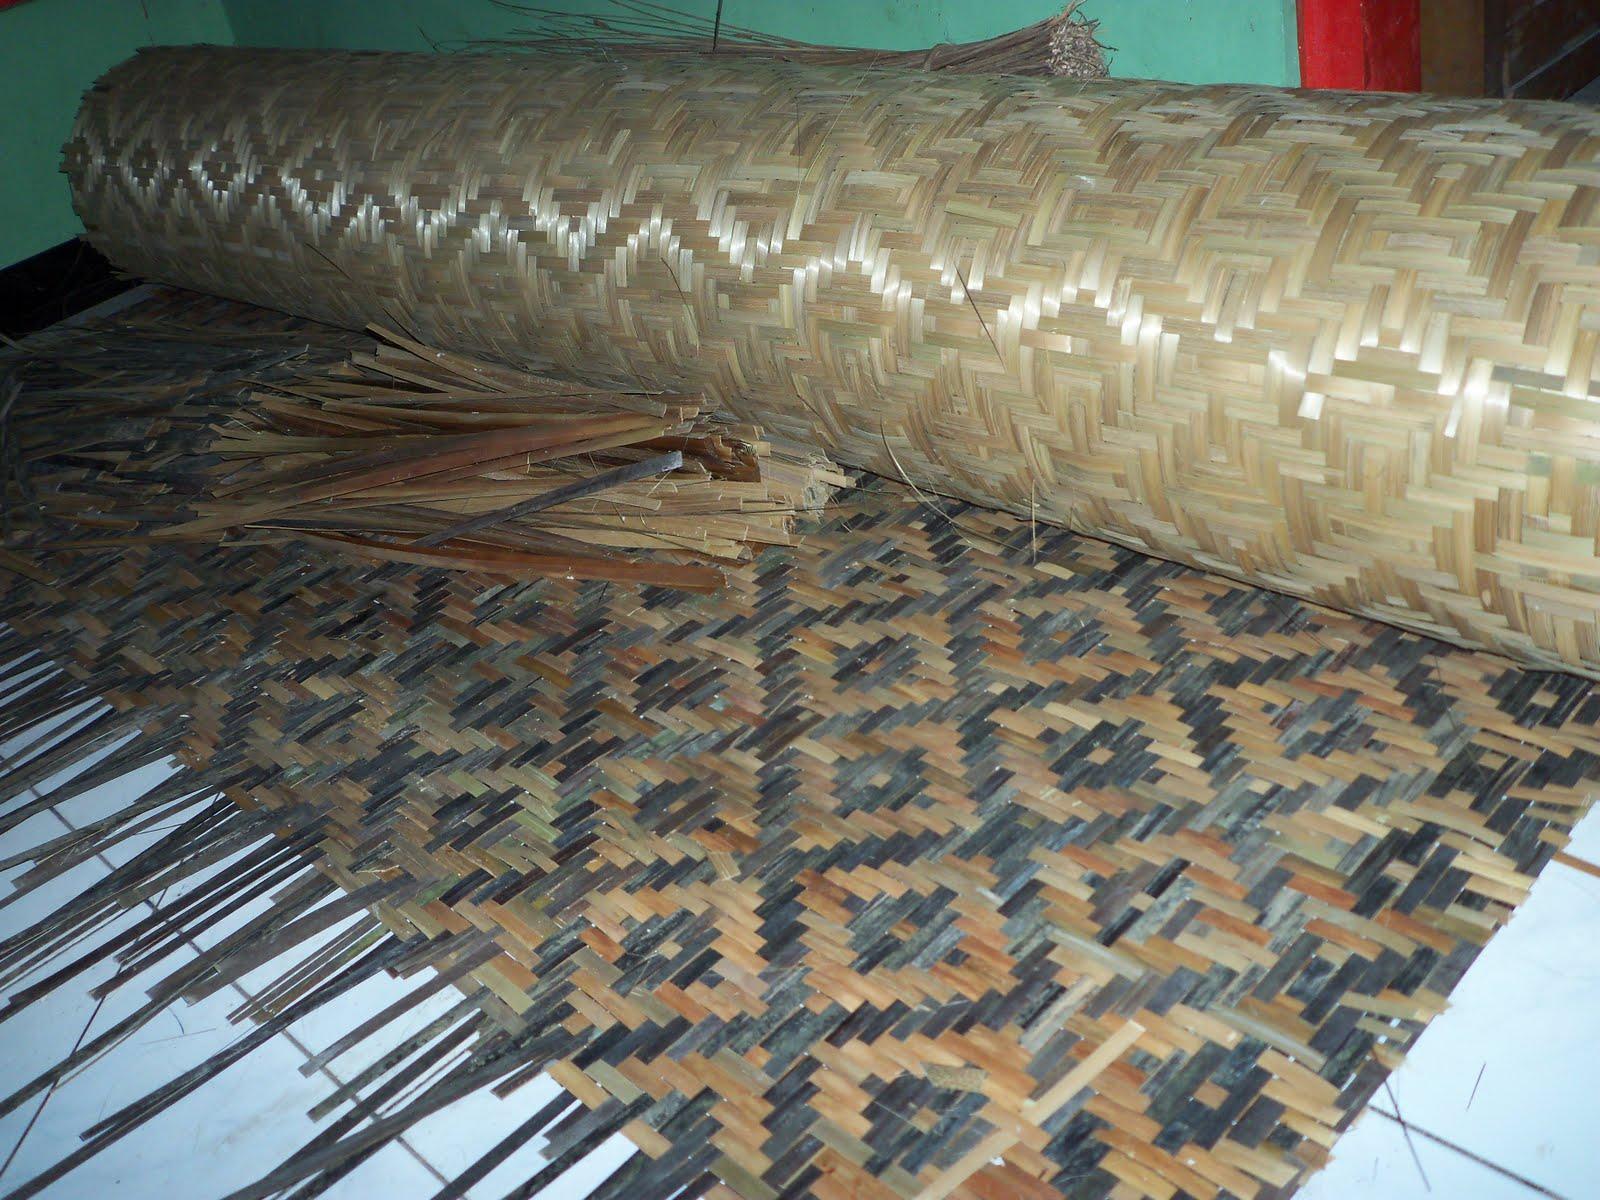 Gambar Rumah Dinding Anyaman Bambu - Gambar Con